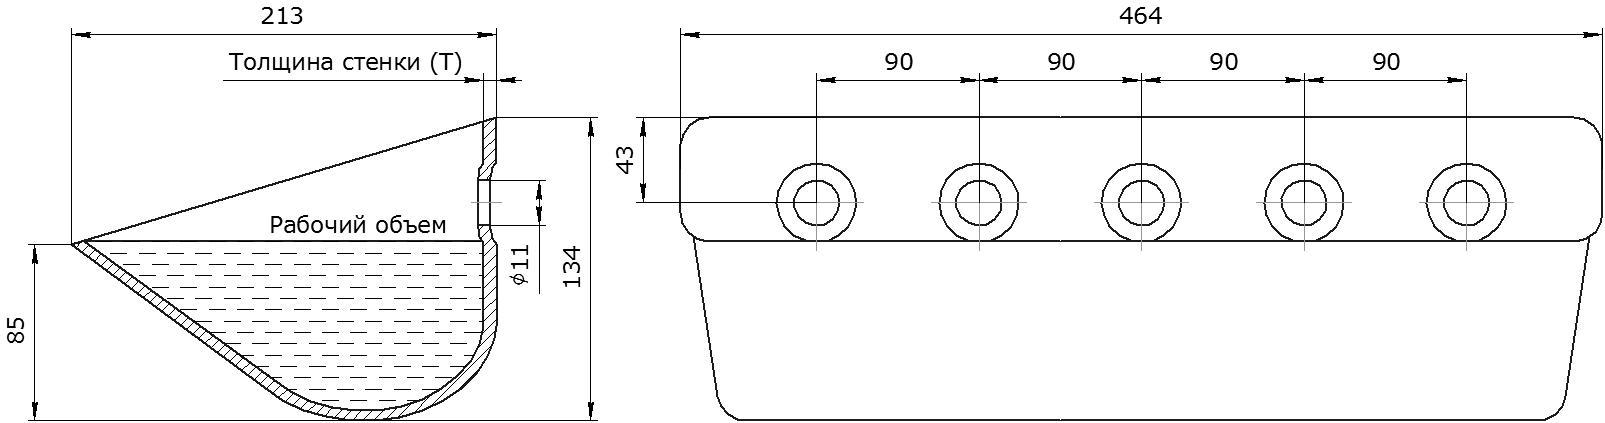 Ковш норийный металлический цельнотянутый S 450-215 чертеж